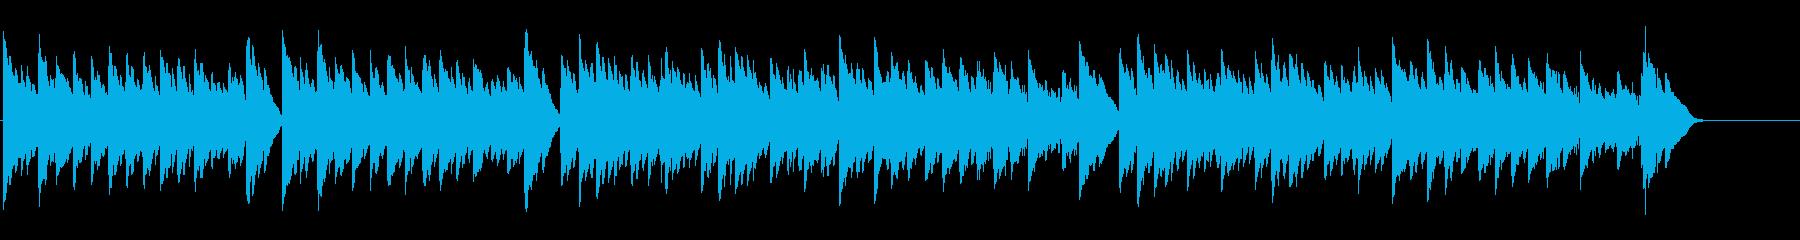 キラキラ星変奏曲(Var Ⅳ)オルゴールの再生済みの波形